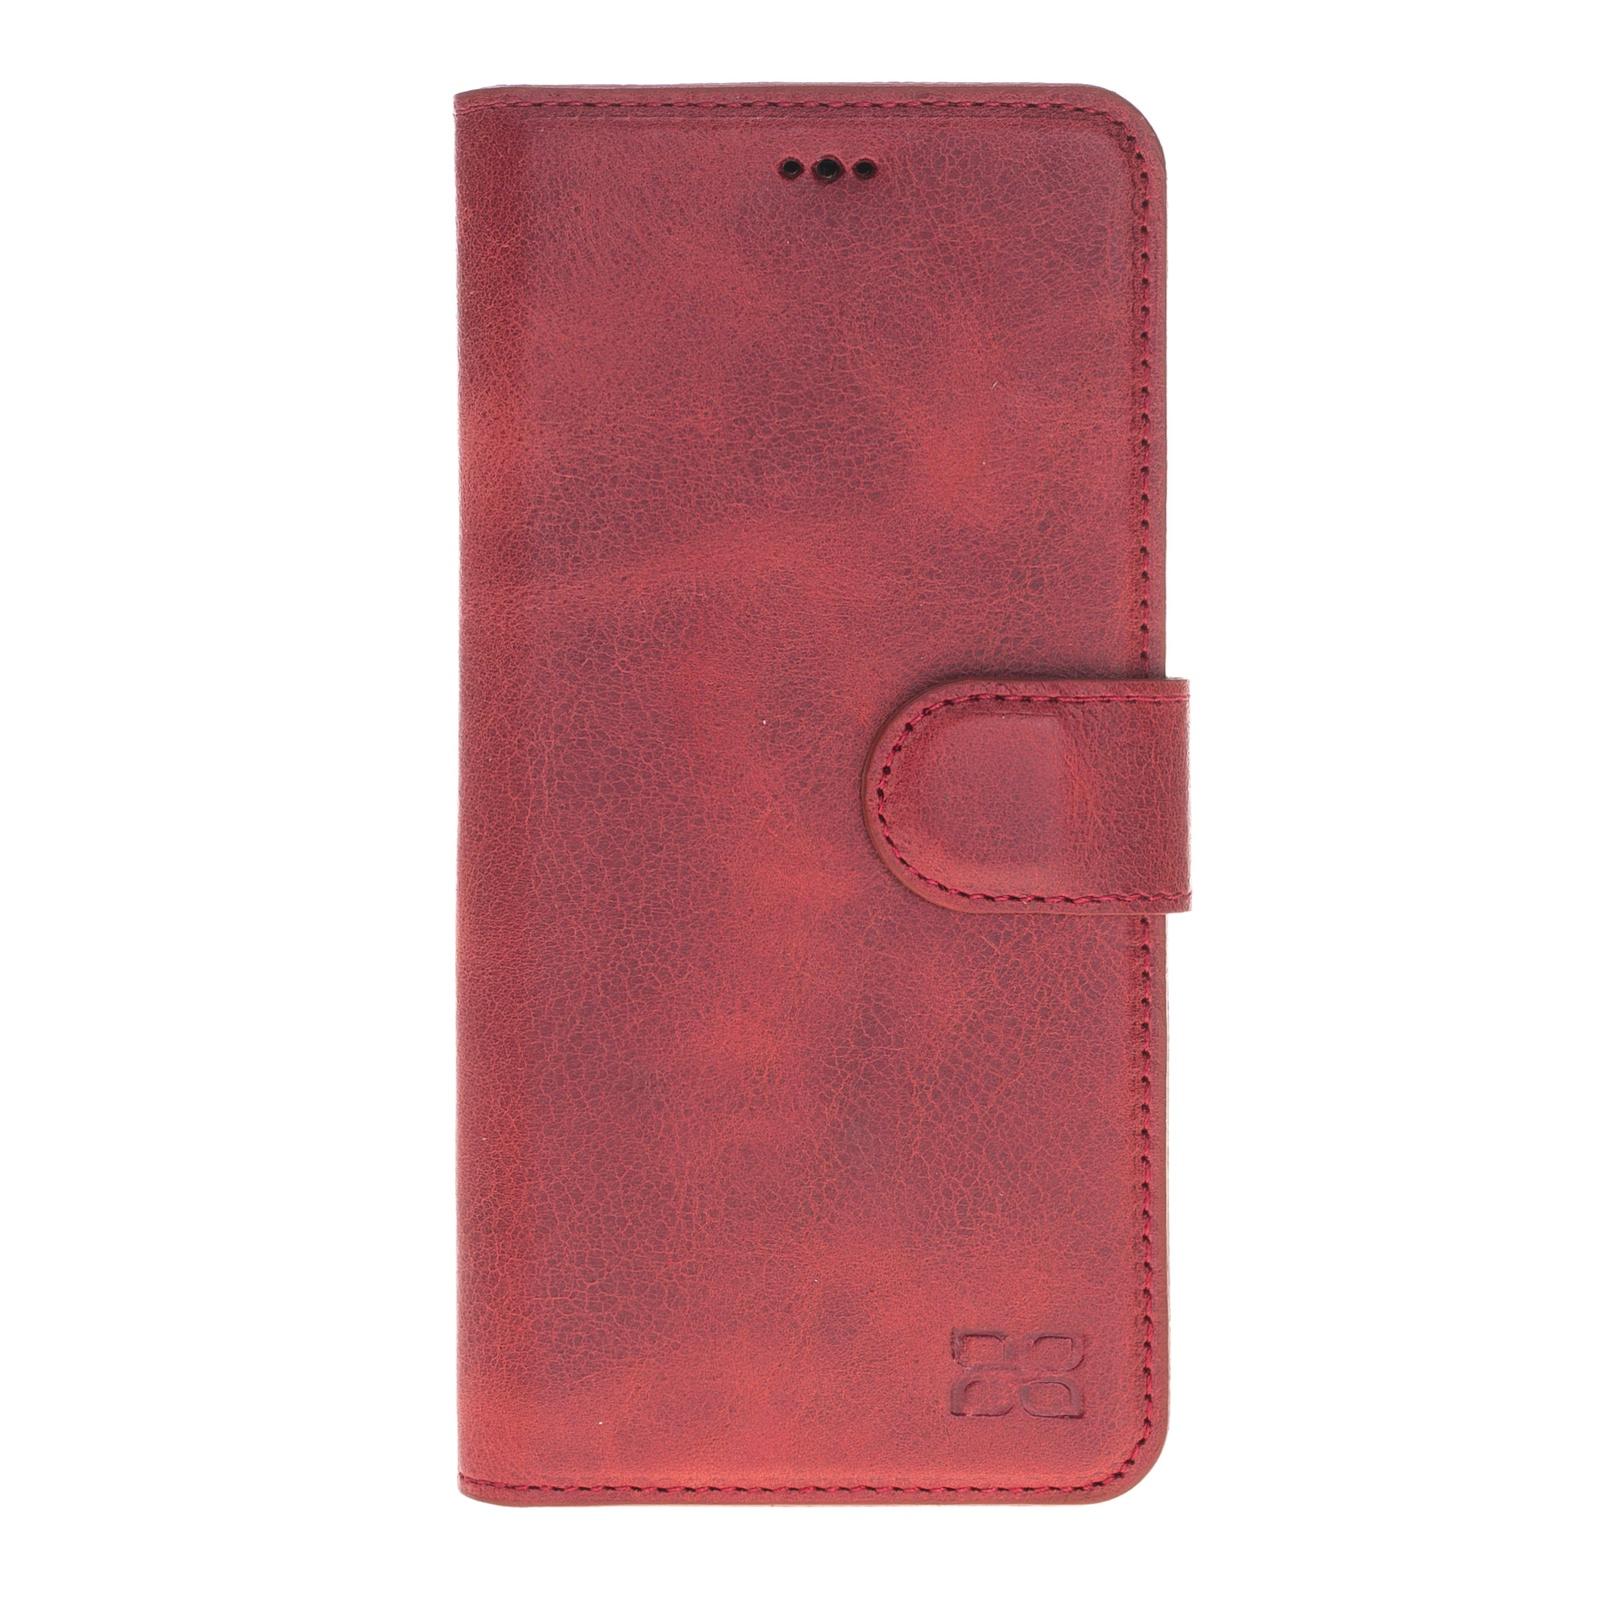 Чехол для сотового телефона Bouletta WalletCase Note 9, WCnote9v4ef, бордовый